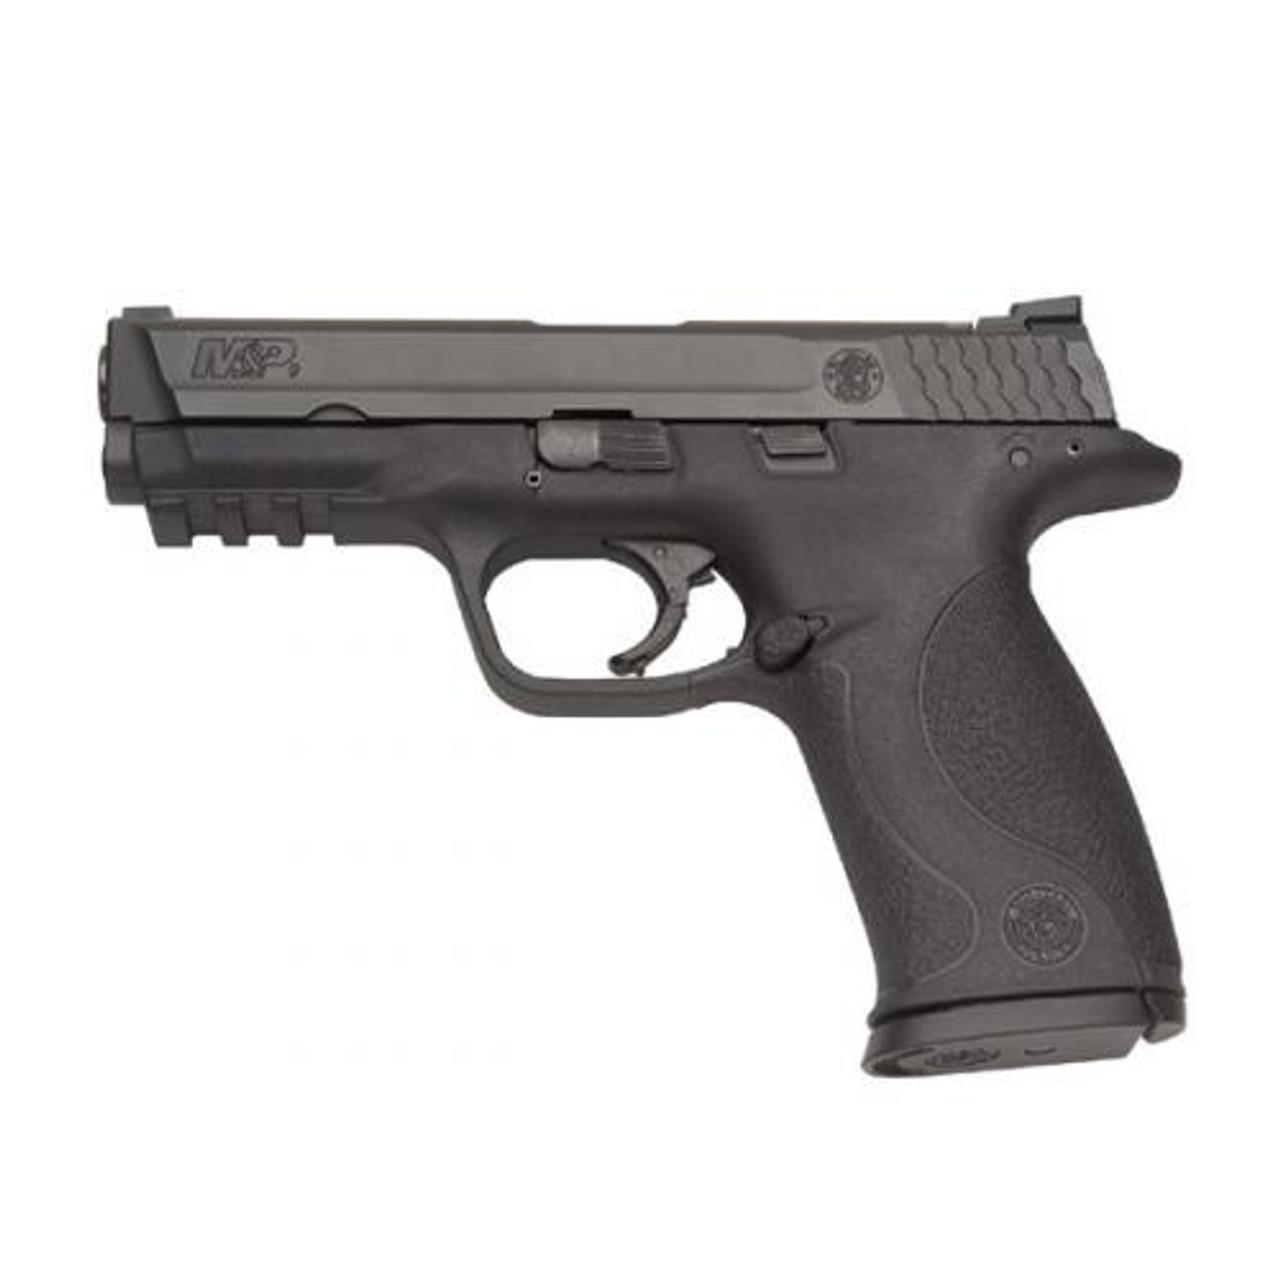 """Smith & Wesson M&P 9 Semi-Auto Pistol 9mm Luger 4.25"""""""